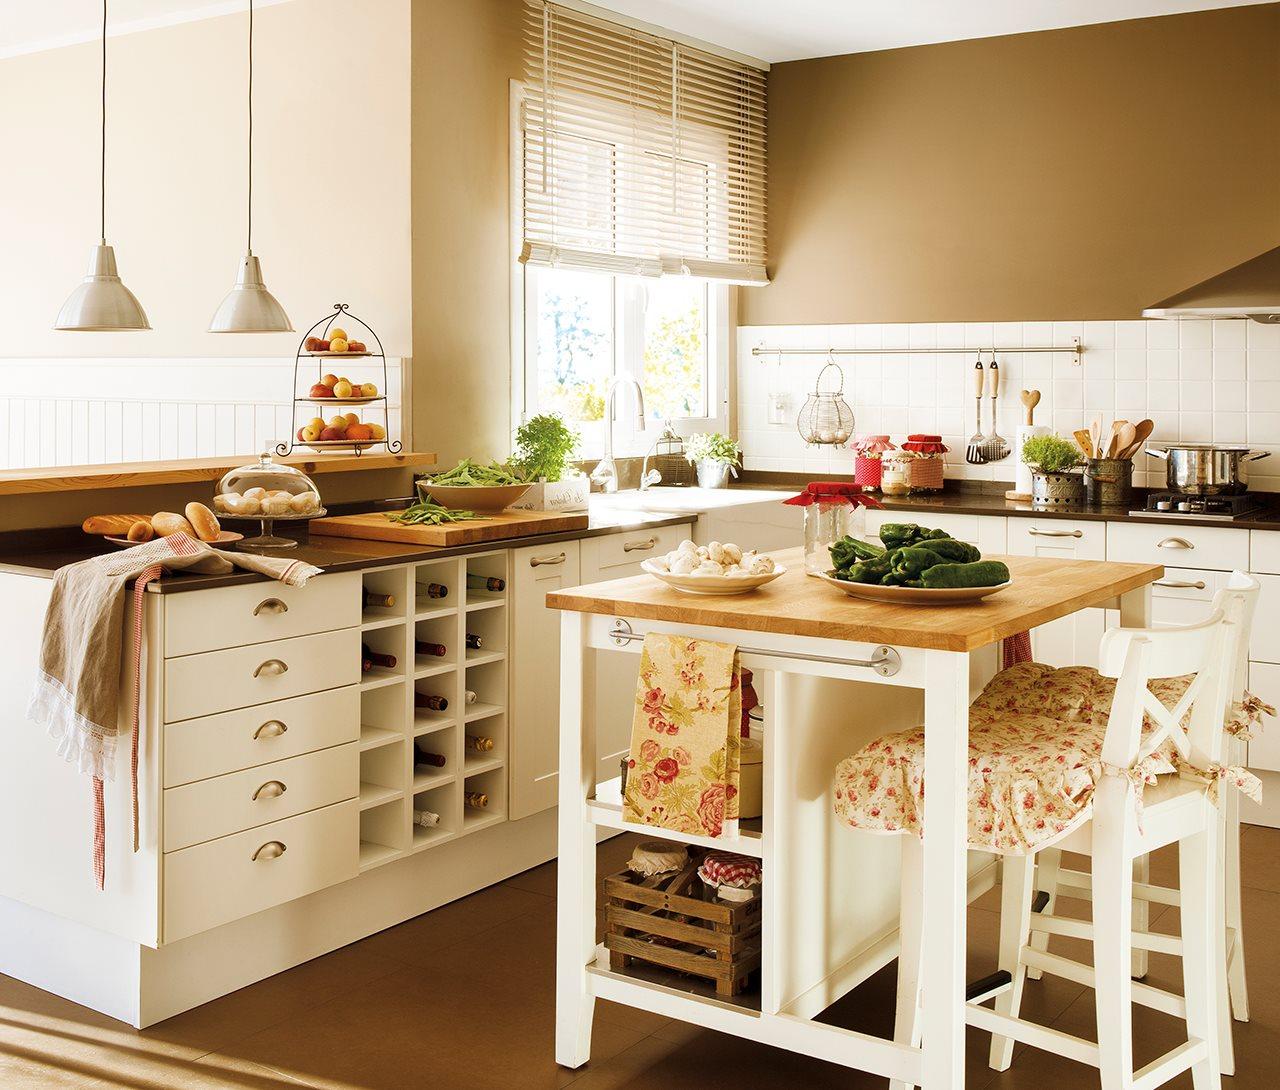 C mo aprovechar el espacio en cocinas peque as for Cocinas cuadradas con isla